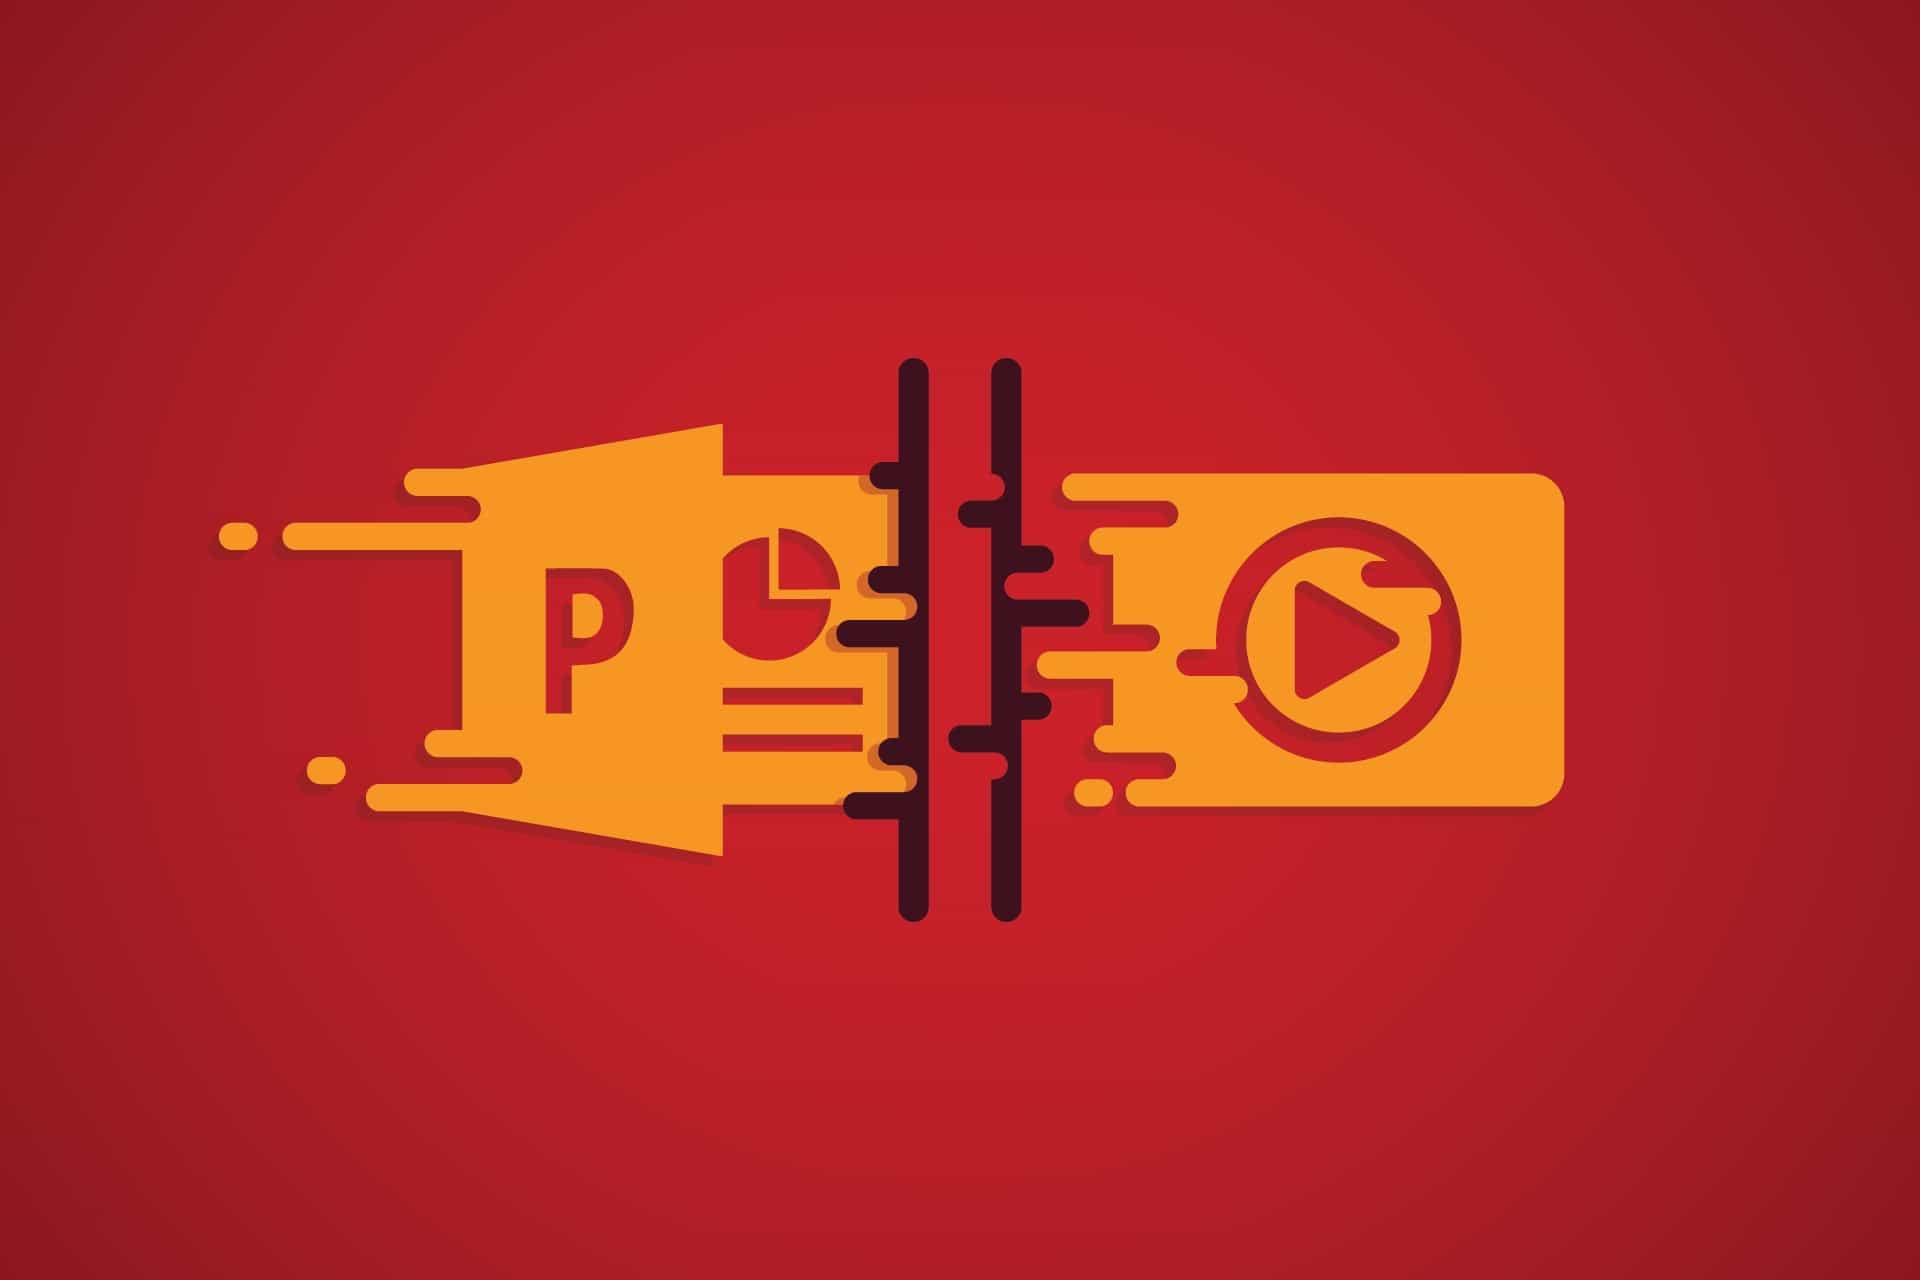 تبدیل پاورپوینت به ویدیو (۲۰۰۷ و ۲۰۱۰)